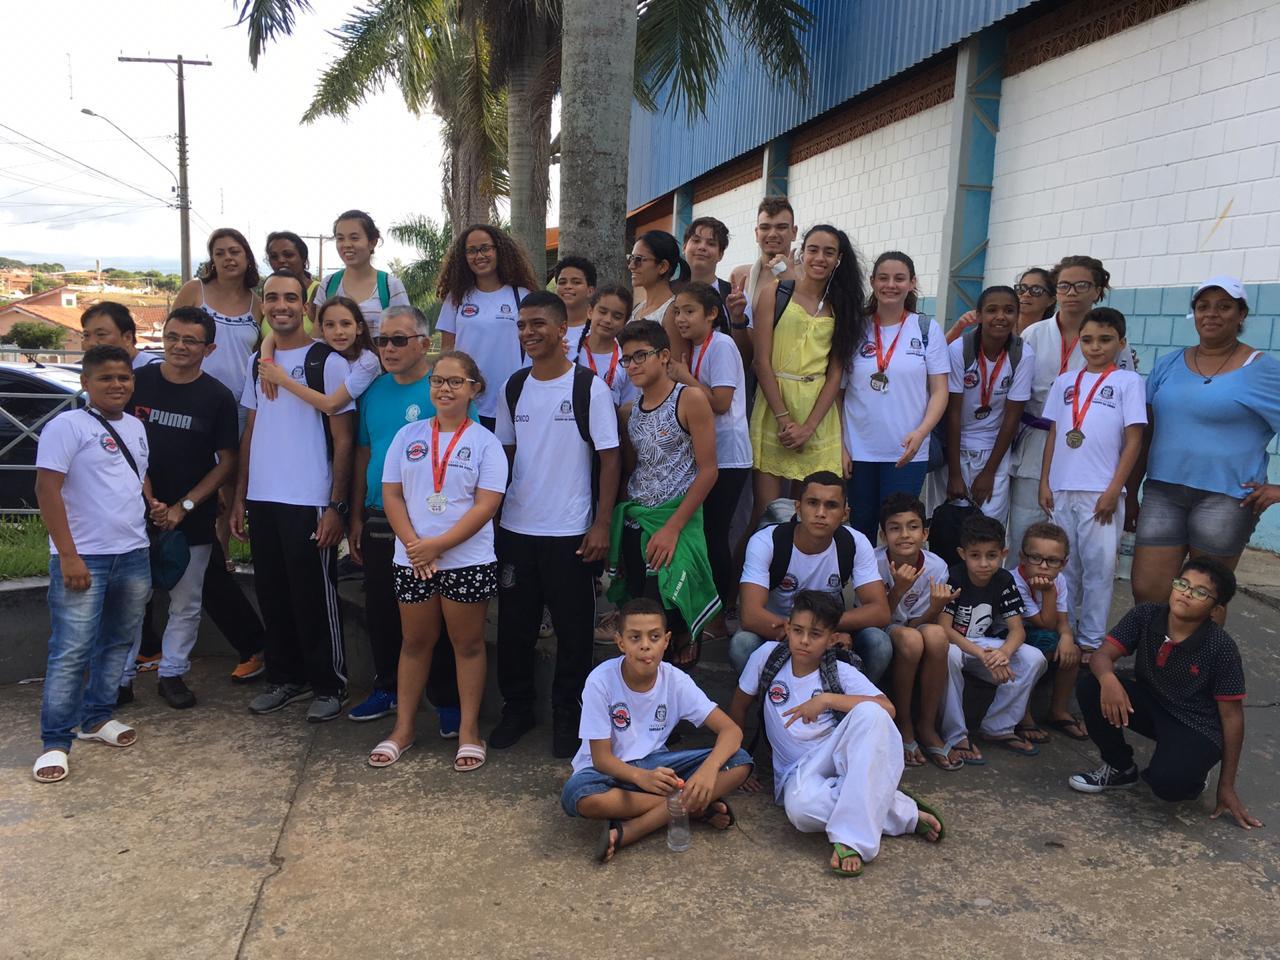 Judocas se destacam e conquistam 14 medalhas em Cesário Lange